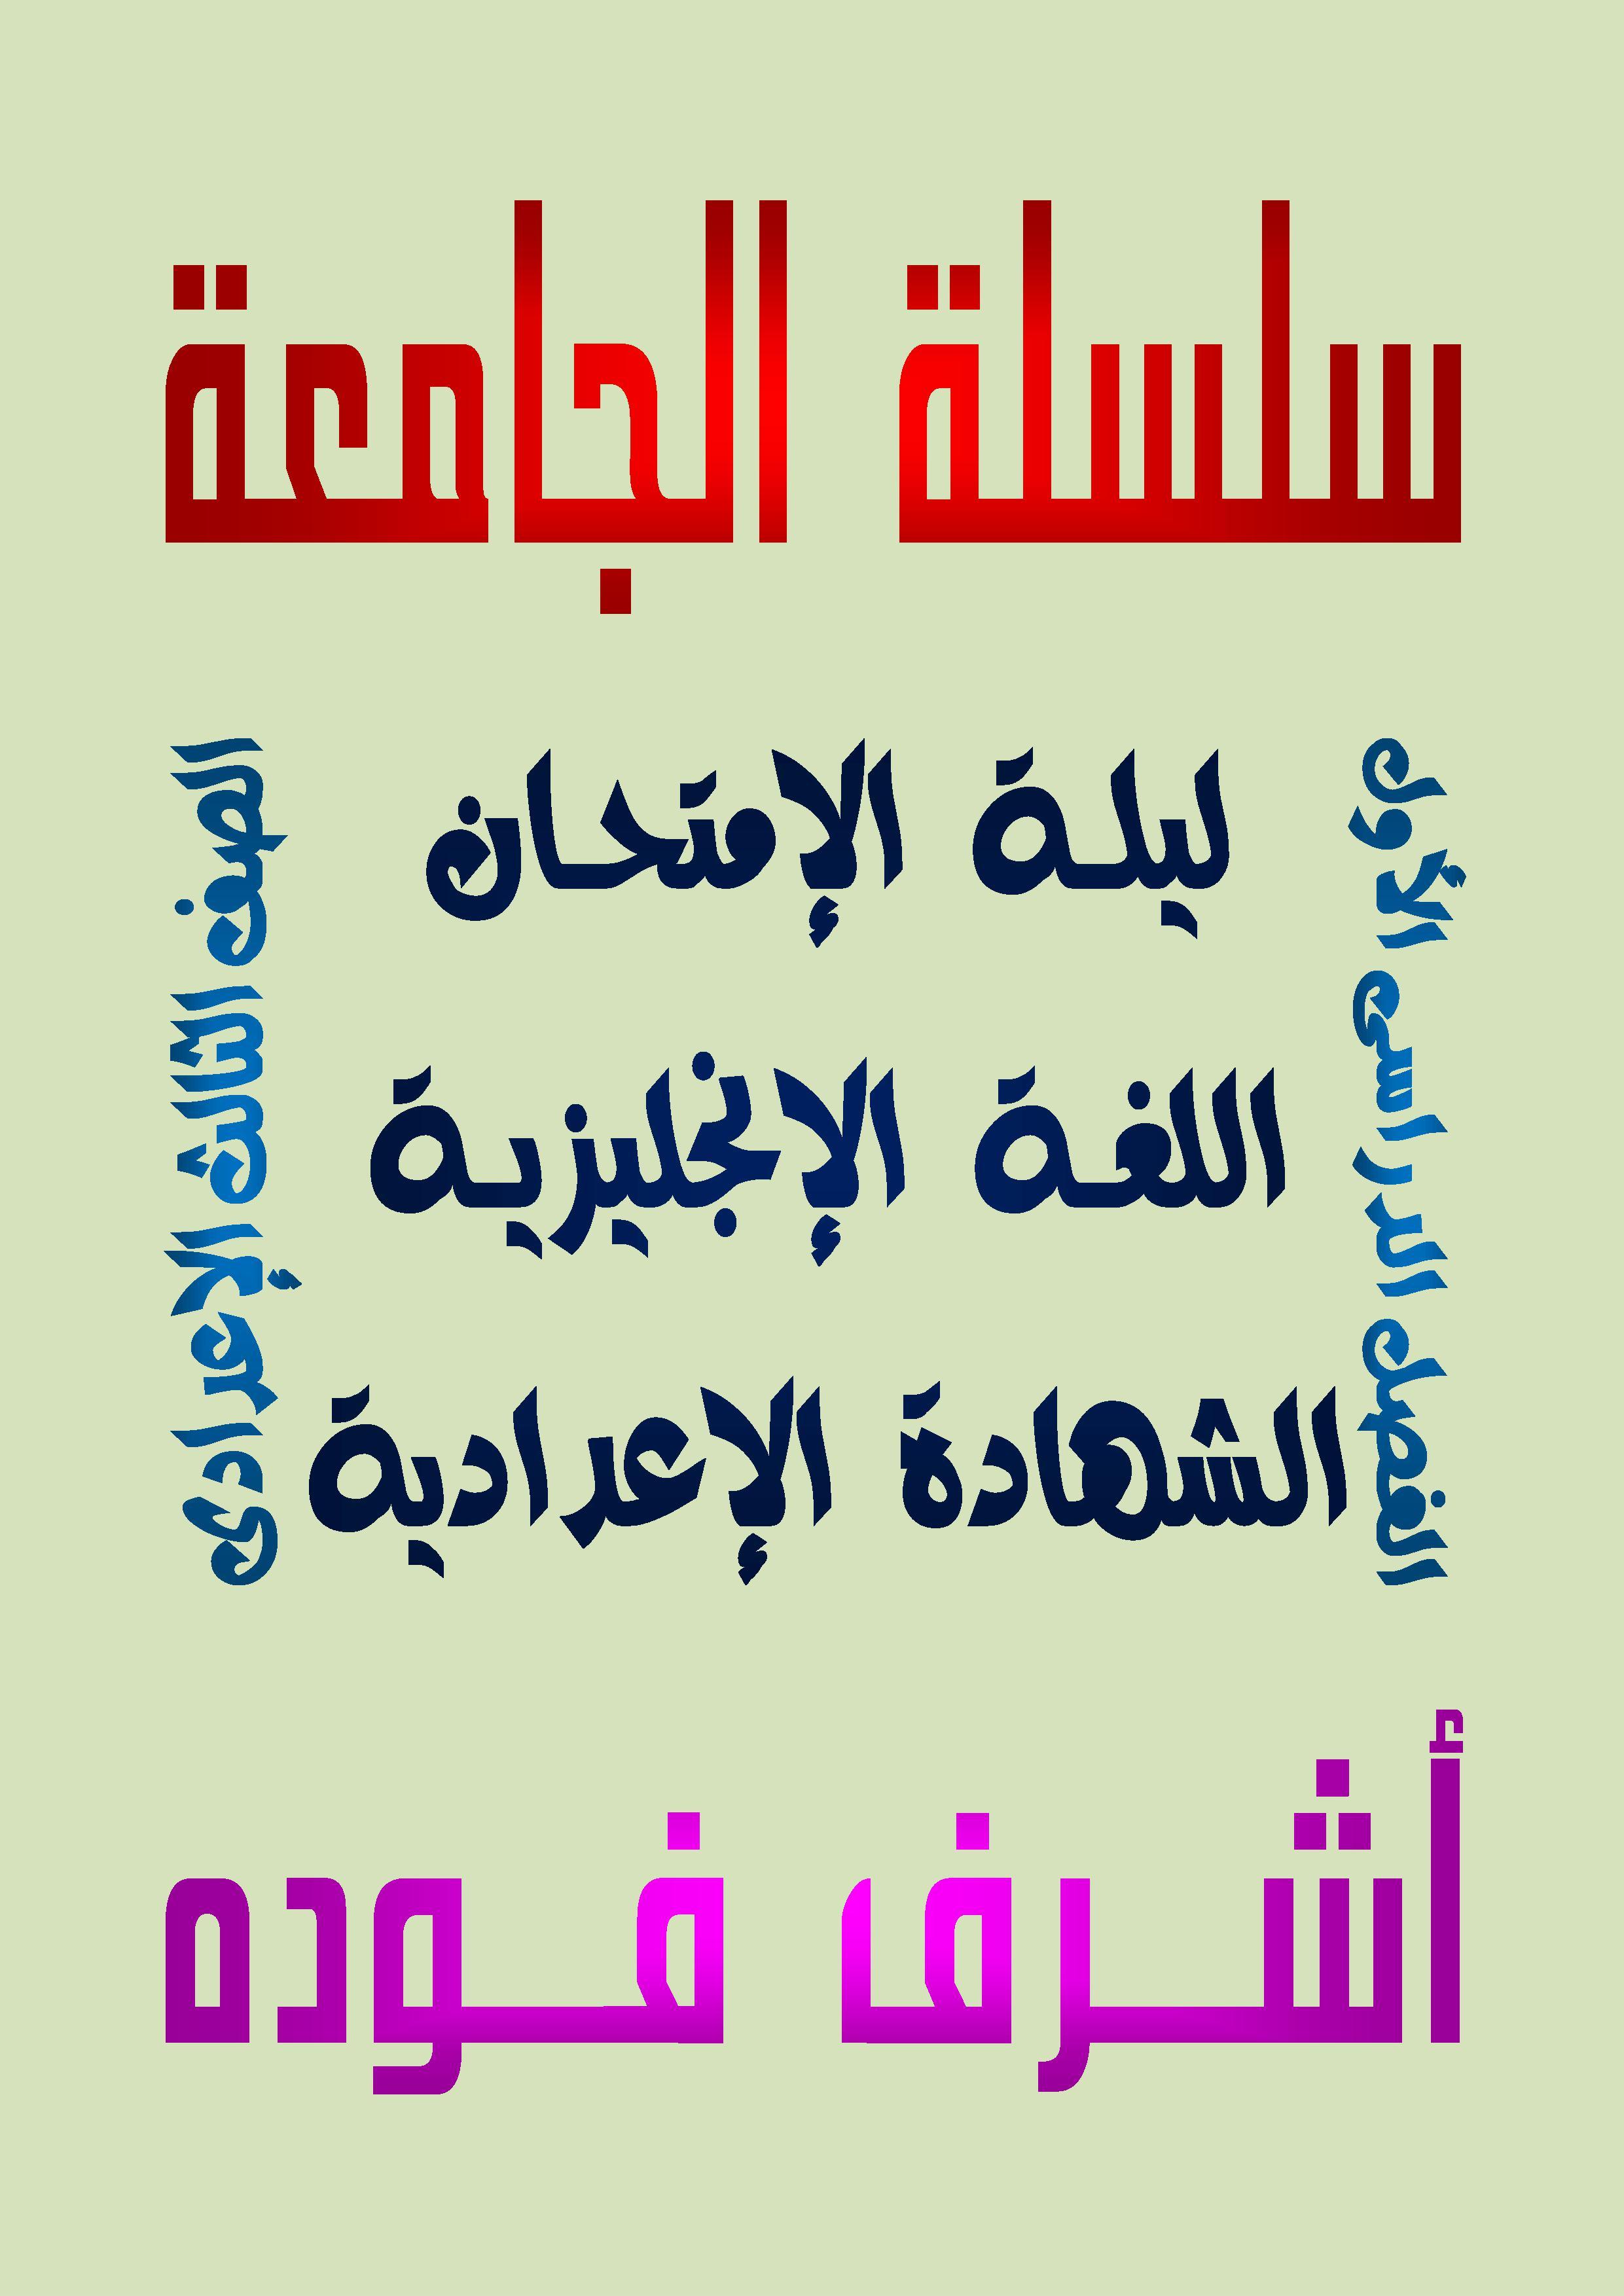 ليلة إمتحان يخرج عنها إمتحان www.alashrafedu.com1